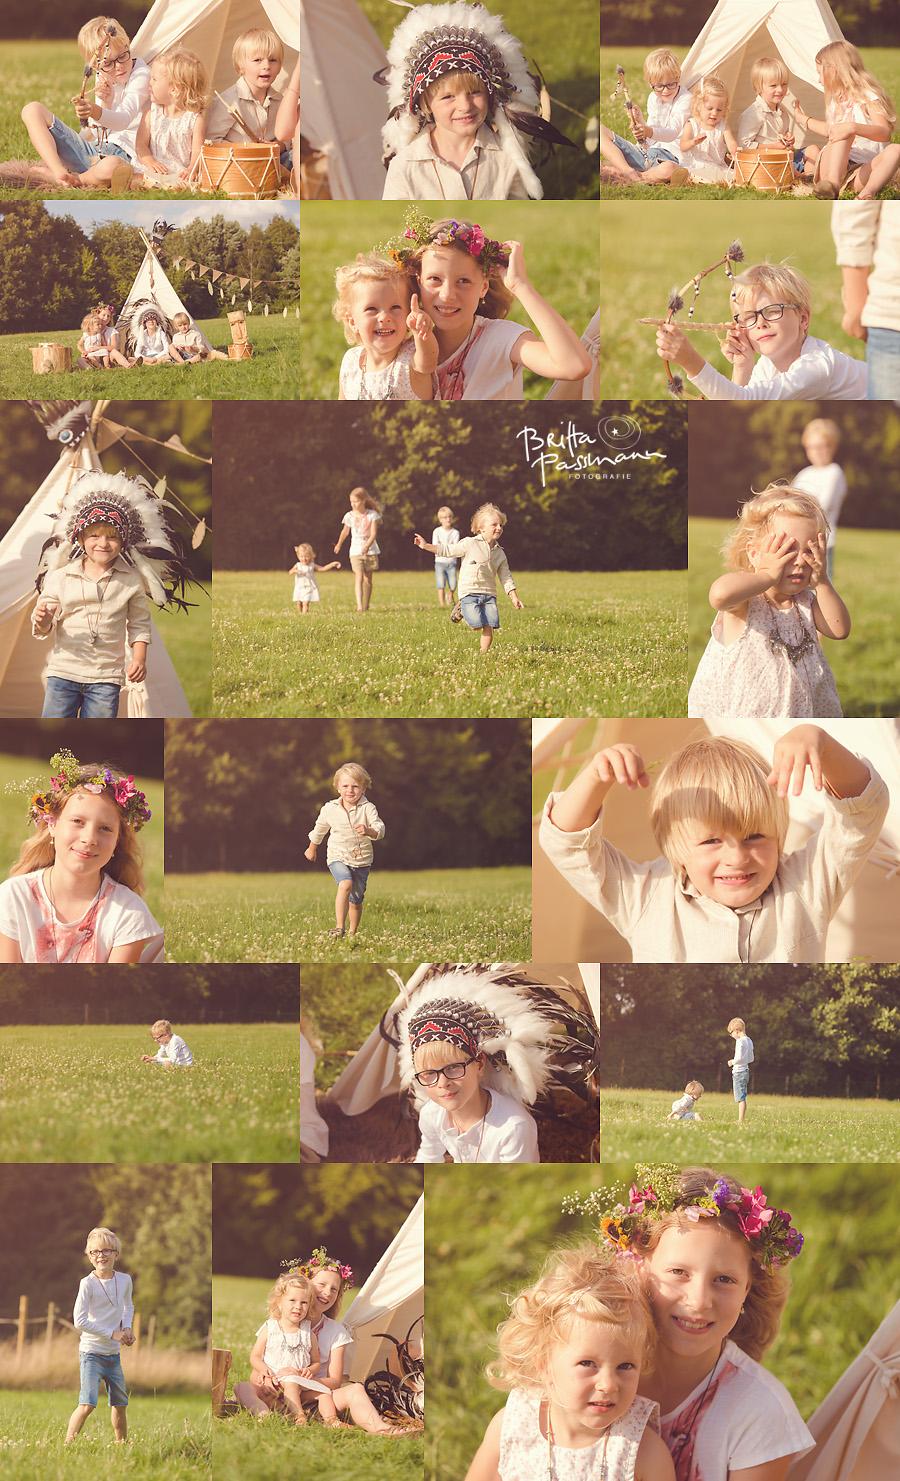 Kinderfotografie Babyfotos Dortmund Unna Schwerte Babyfotos